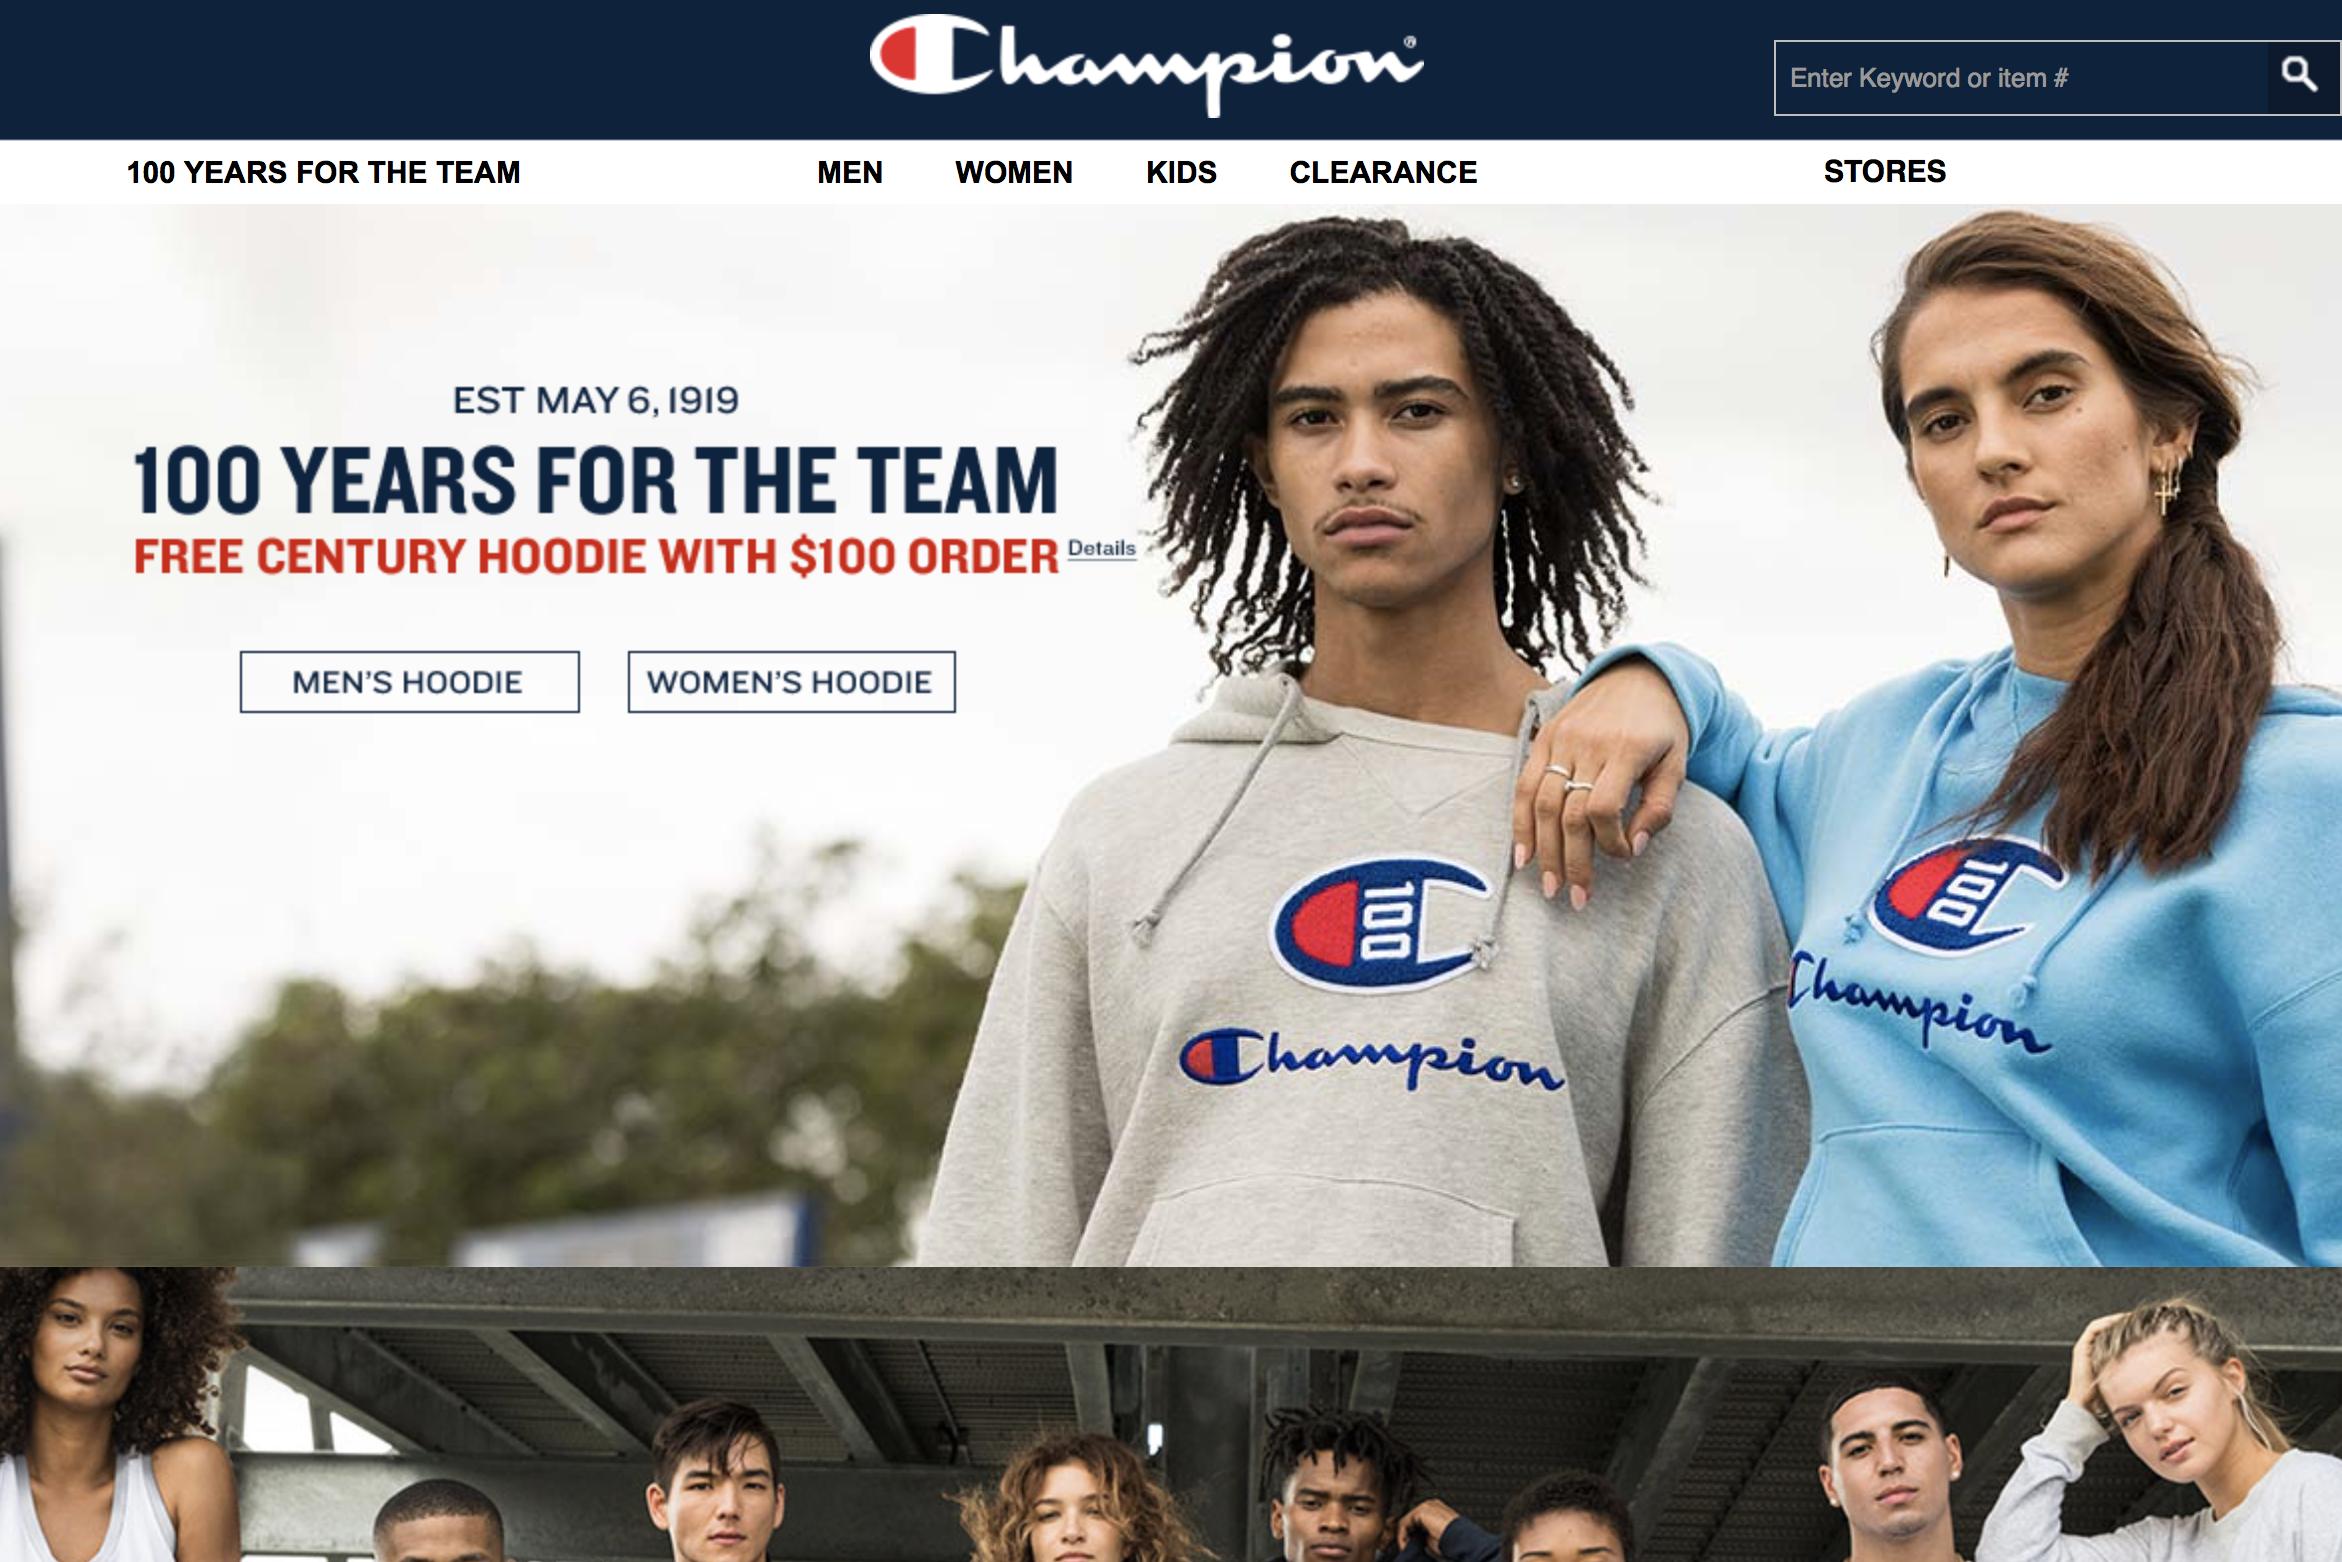 Champion上季度全球销售额大涨75%,推动母公司 HanesBrands 连续第七个季度实现增长